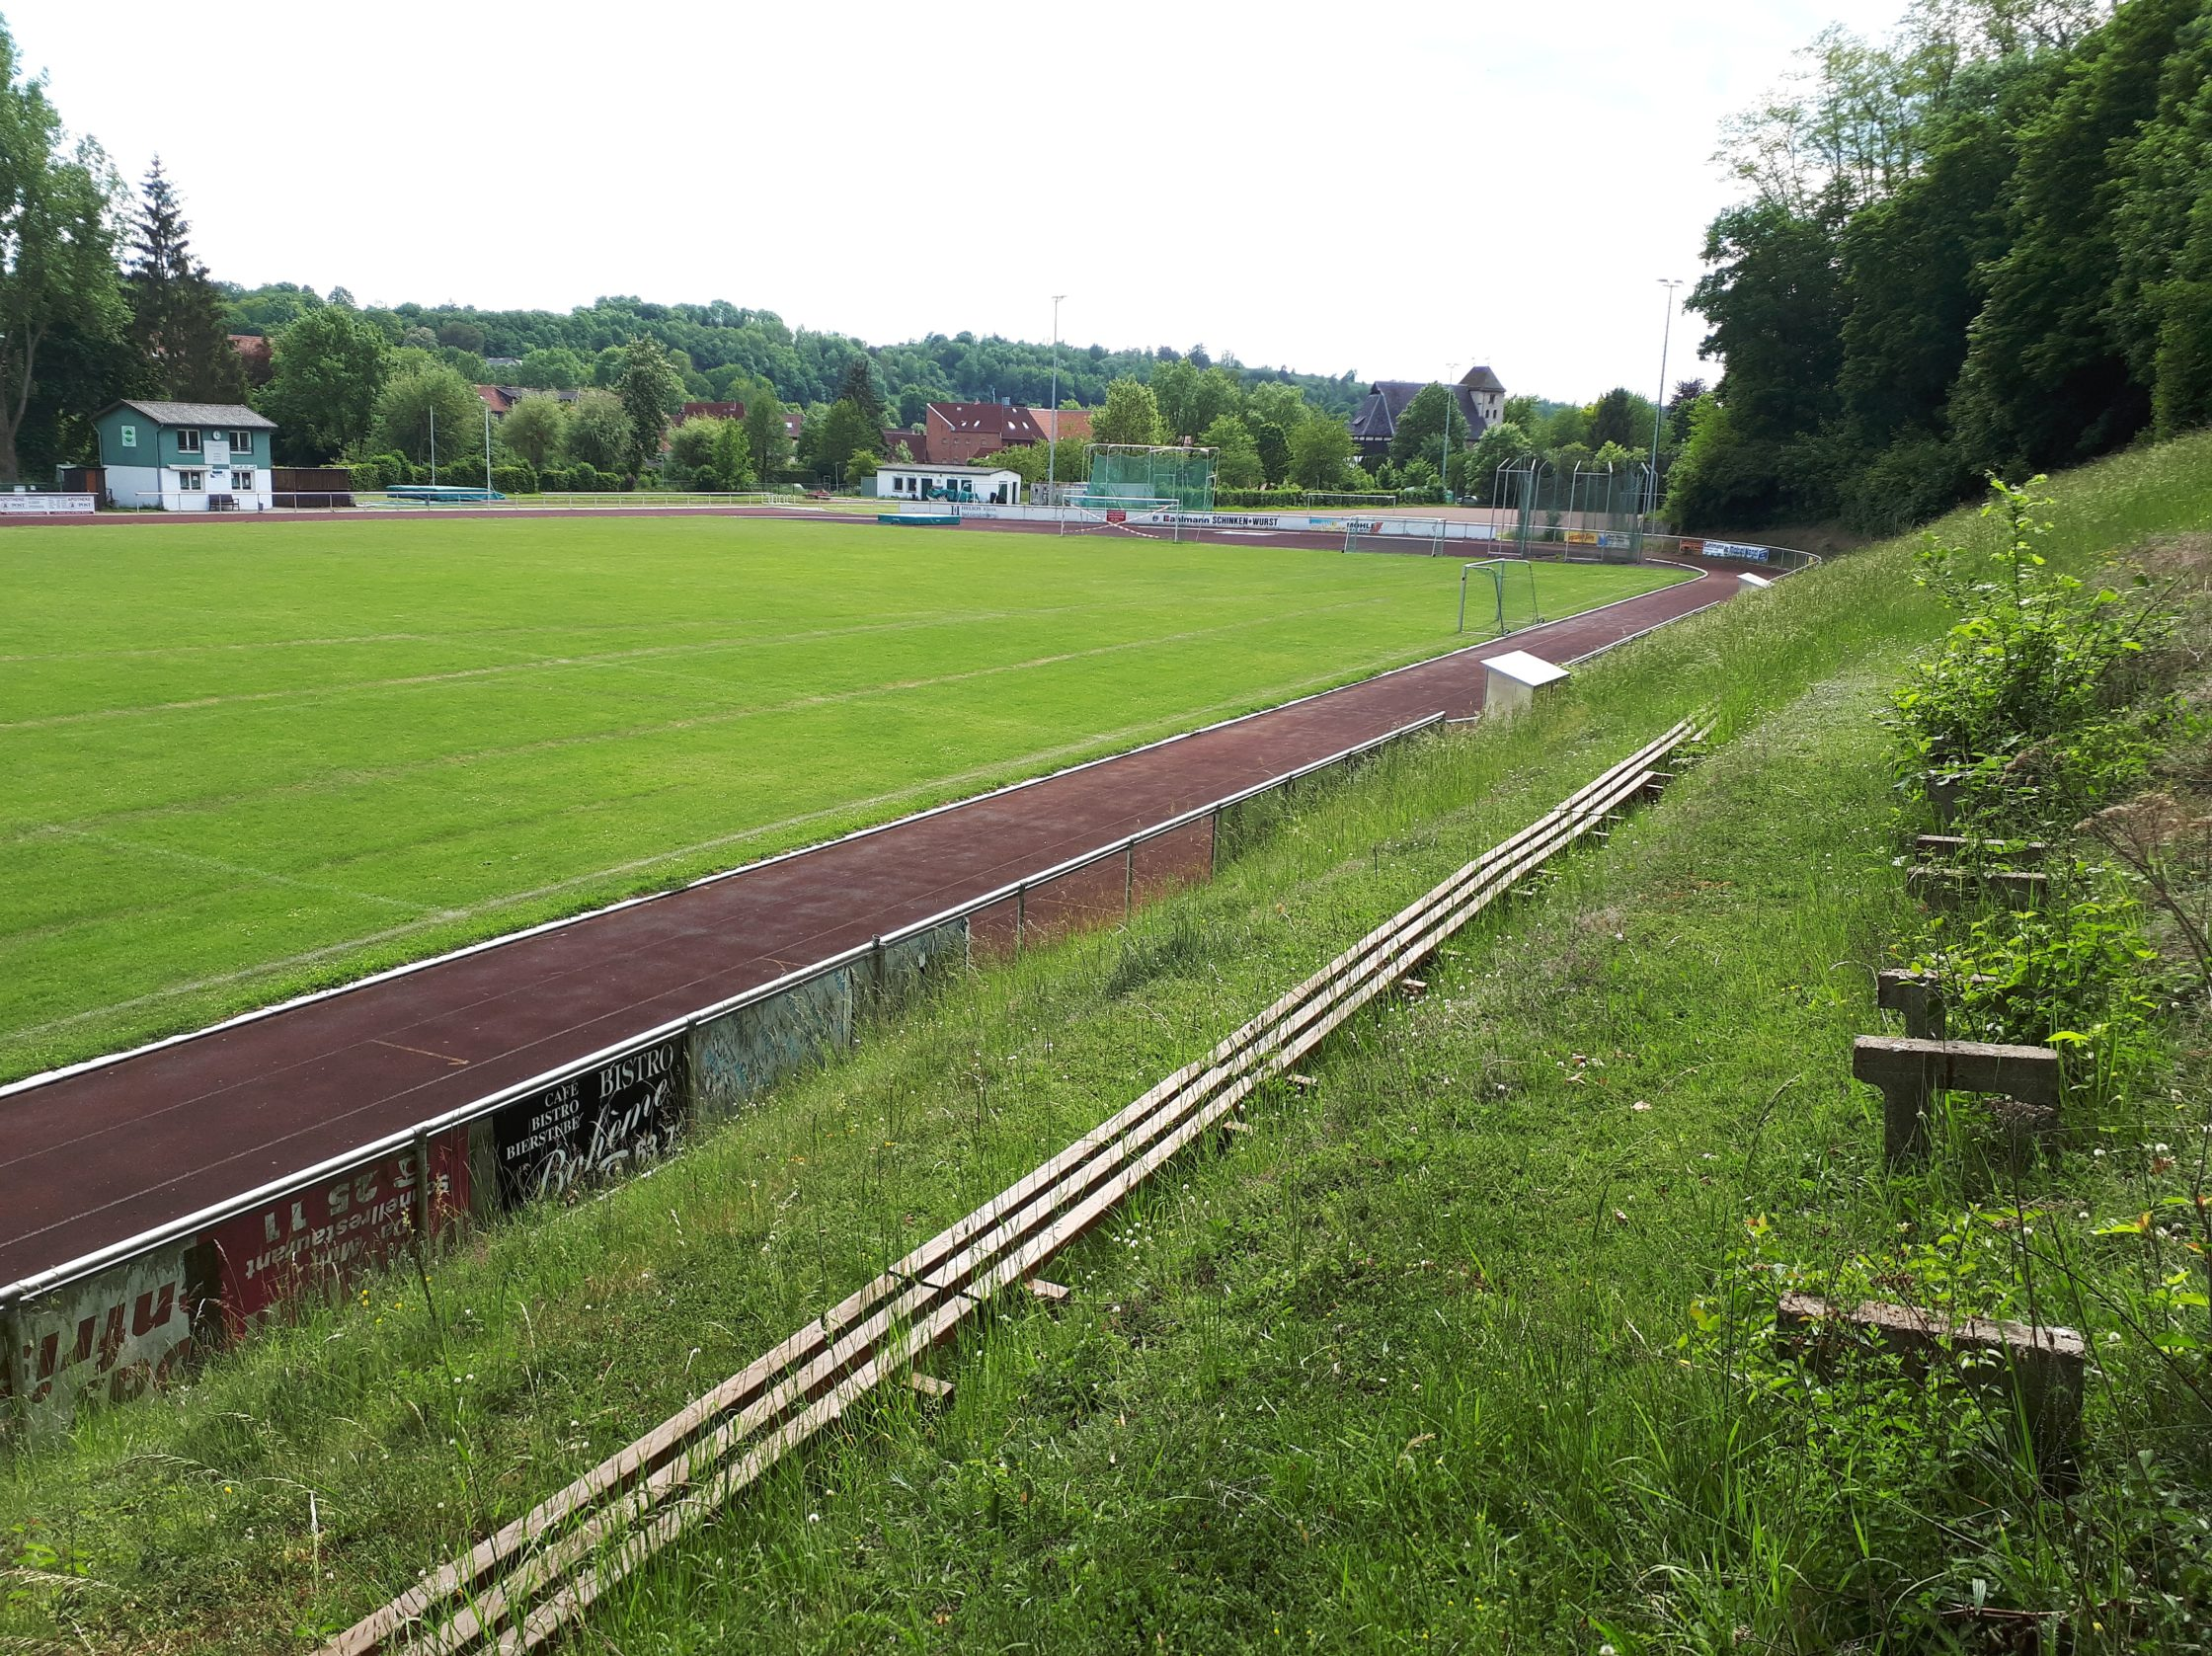 Rudolf-Cahn-von-Seelen-Stadion Bad Gandersheim